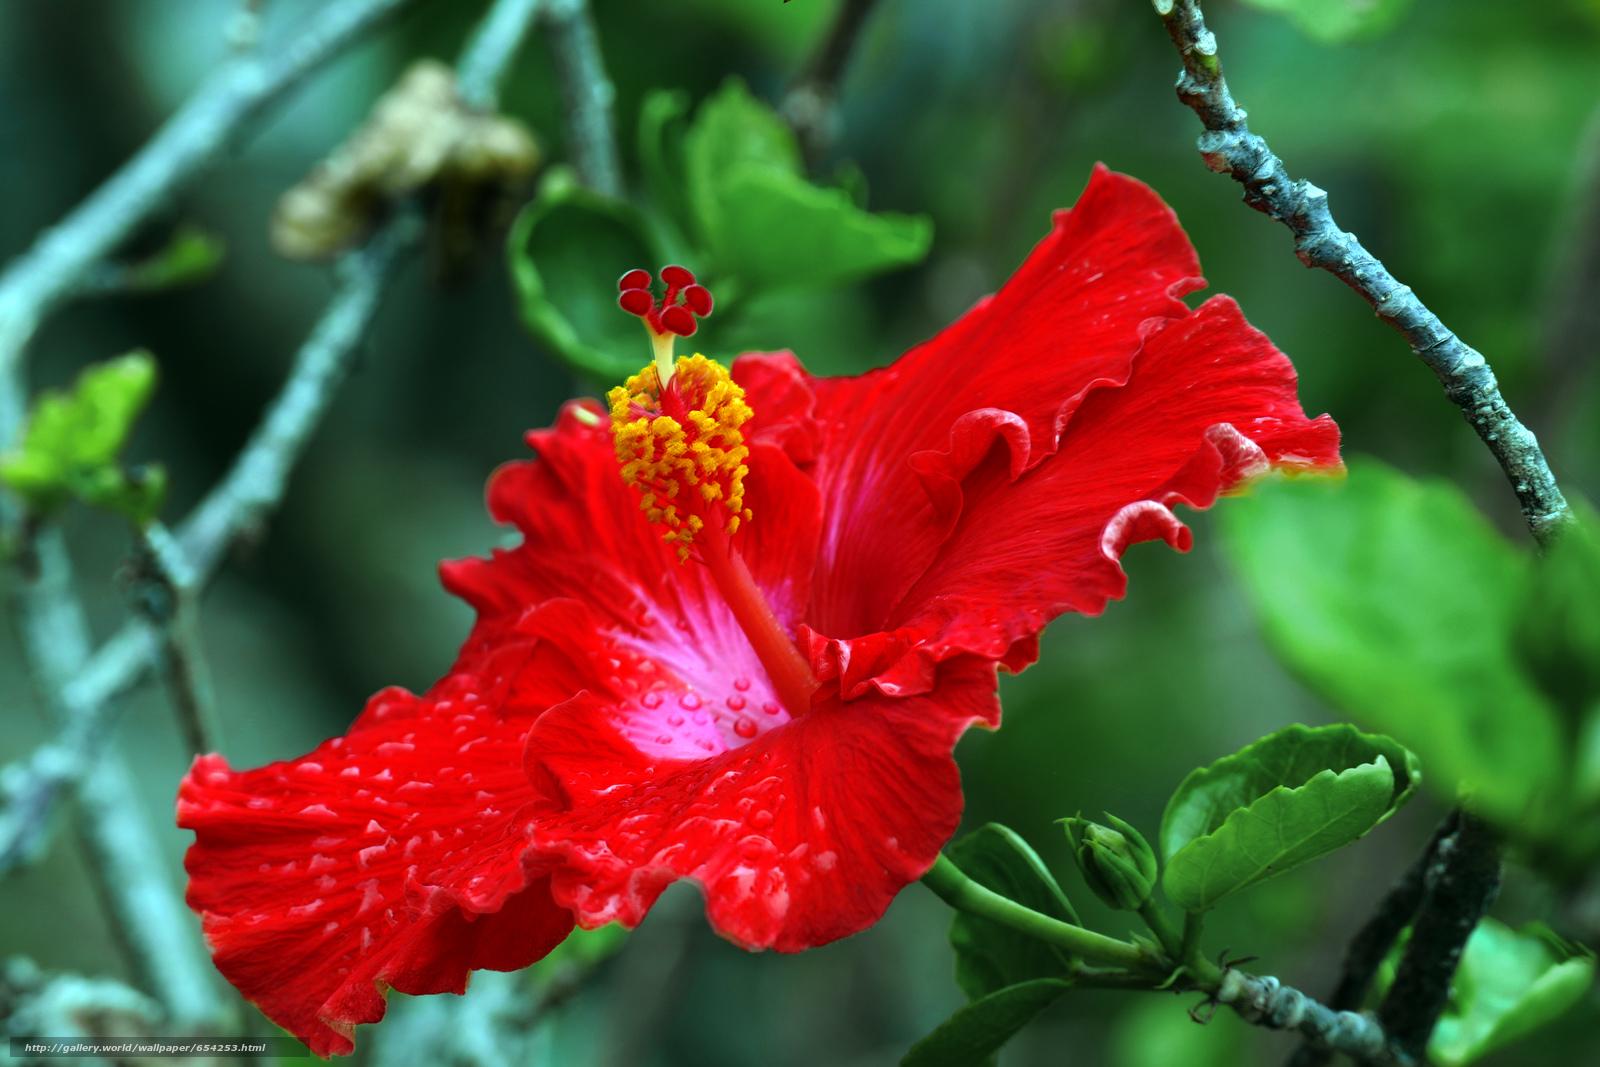 Скачать обои Hibiscus,  цветок,  флора бесплатно для рабочего стола в разрешении 5472x3648 — картинка №654253